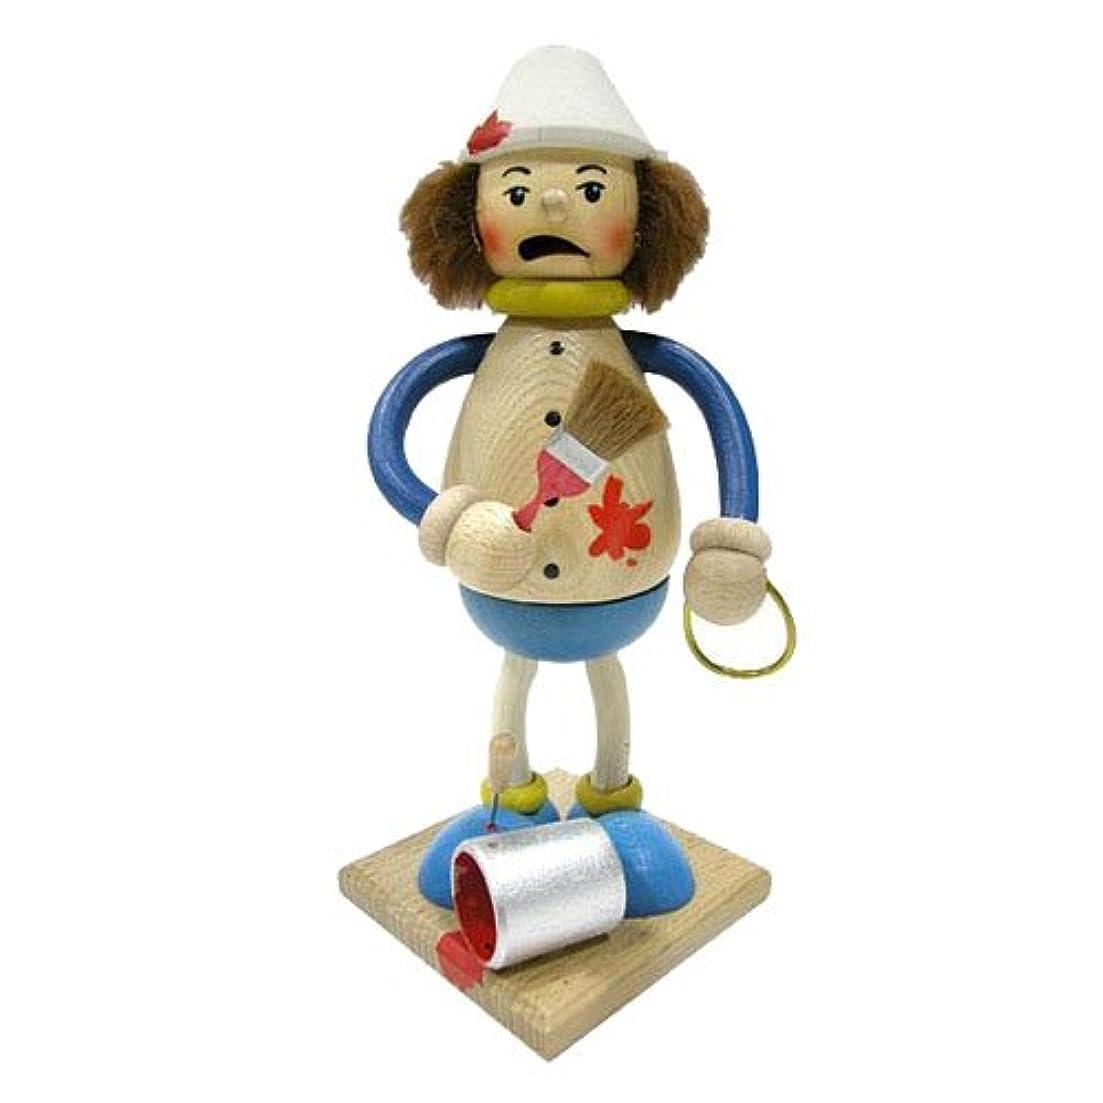 コーラス魅了するいつか39095 Kuhnert(クーネルト) ミニパイプ人形香炉 ペインター